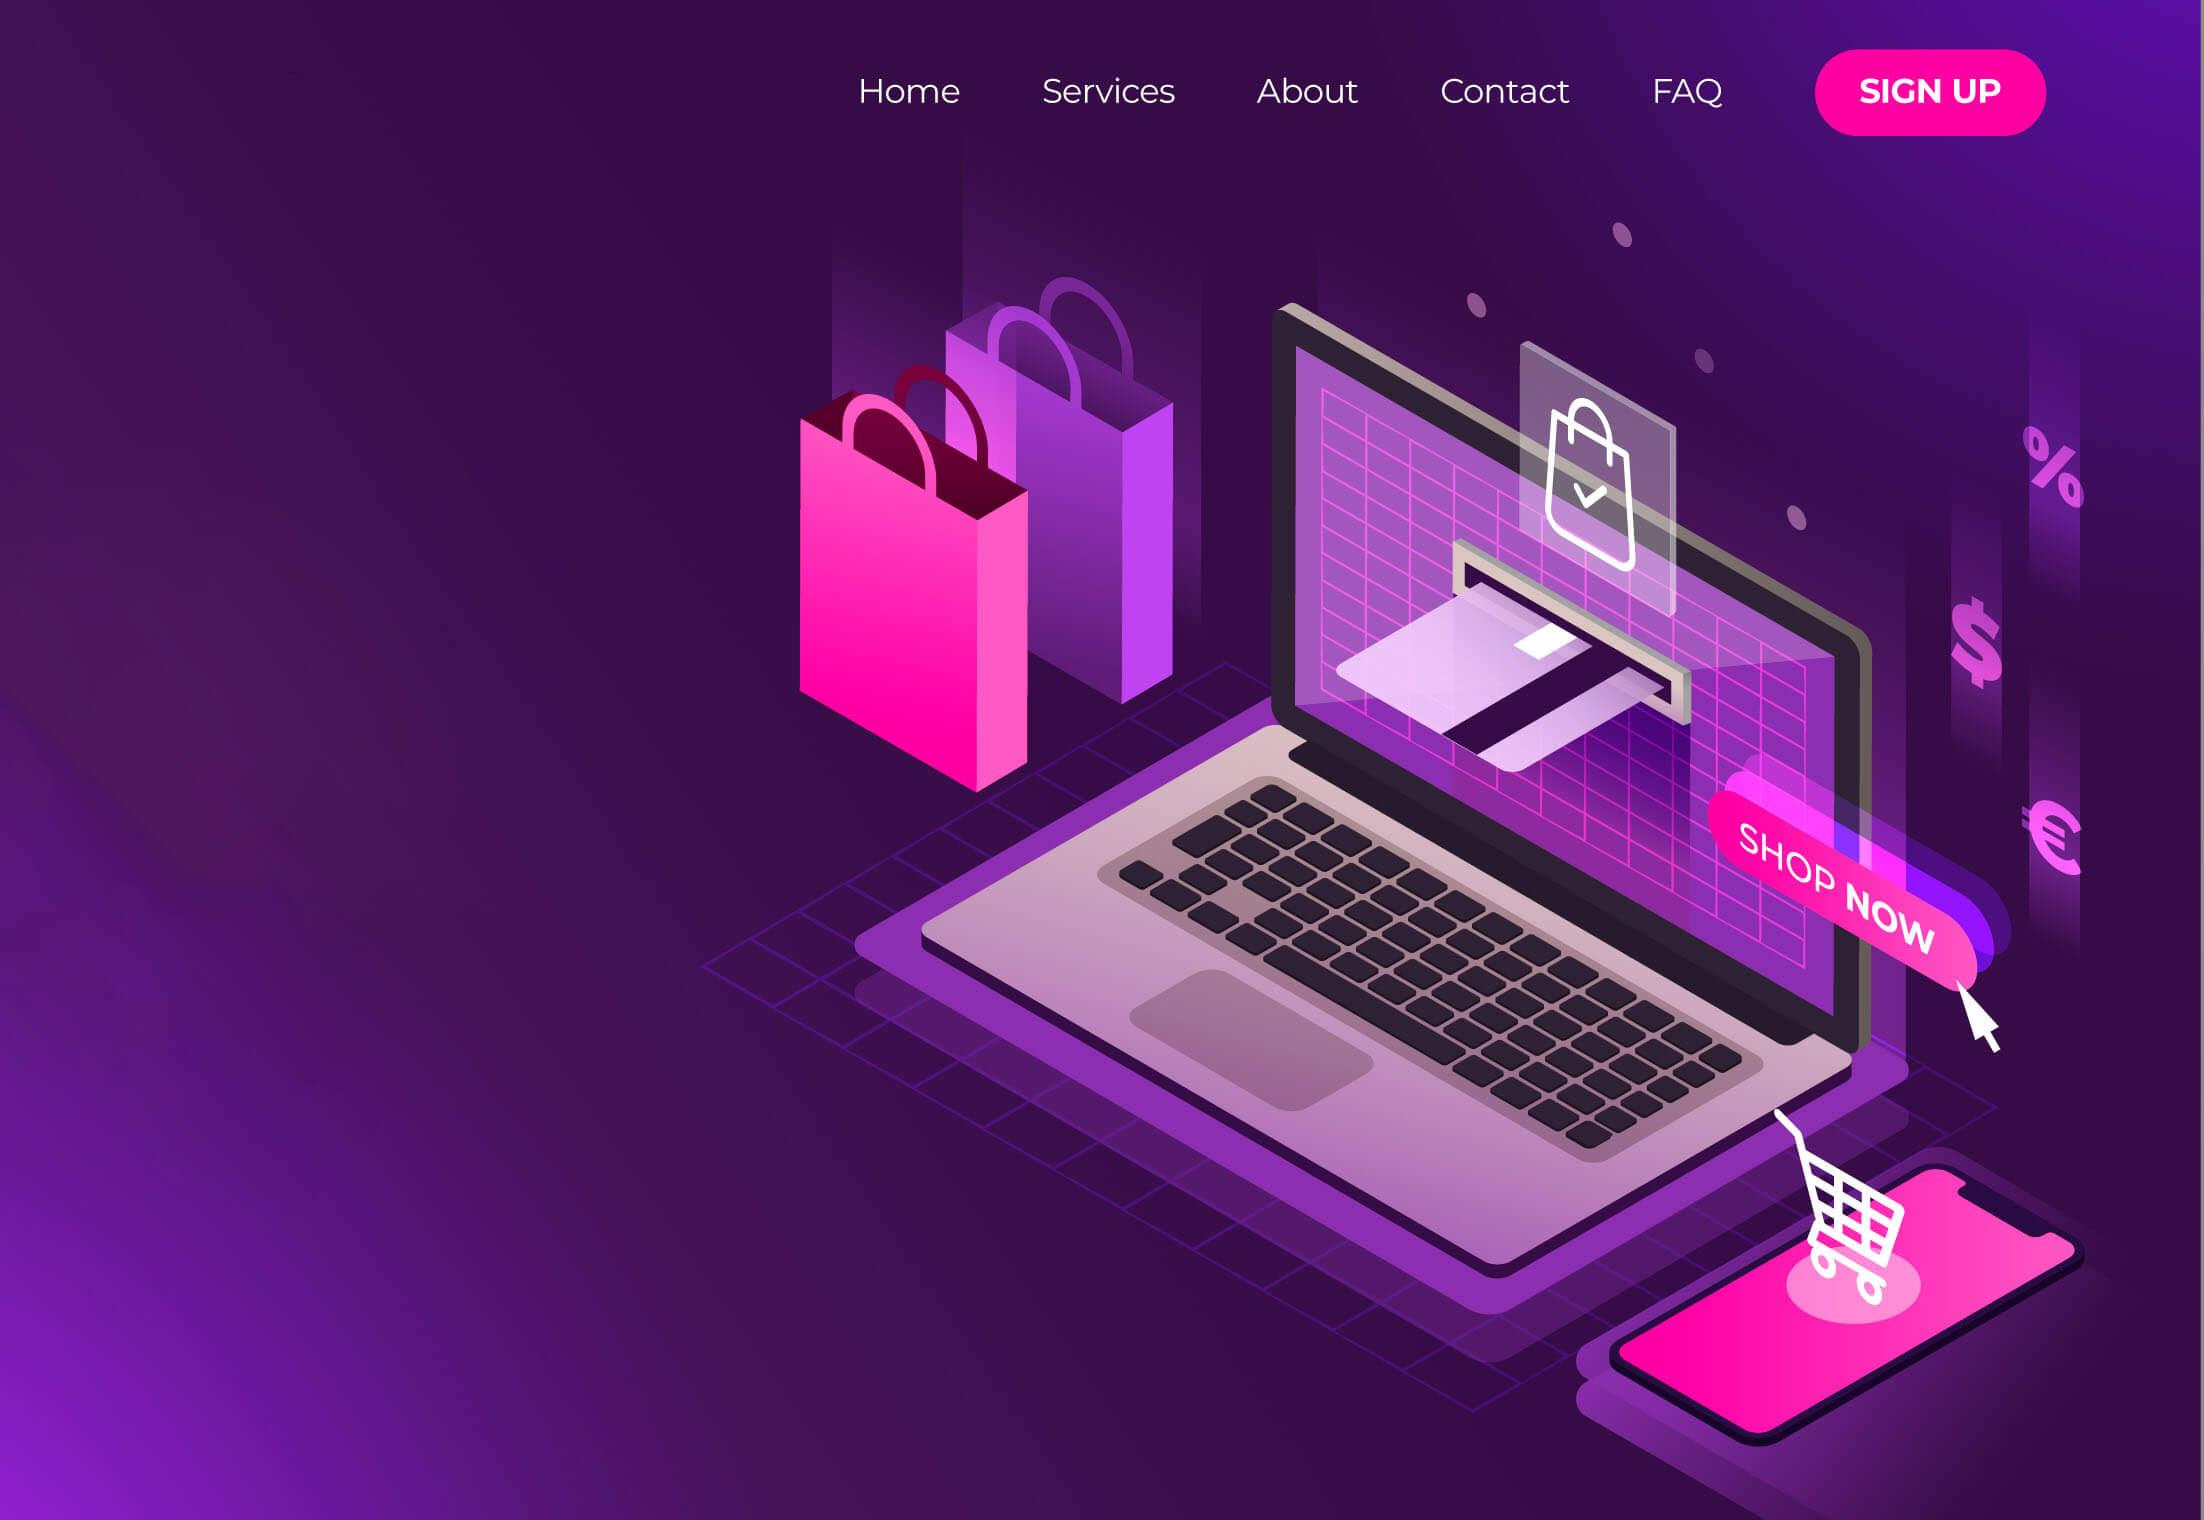 190ae4c19 6 melhores dicas para criar sua loja virtual - Doutor E-commerce